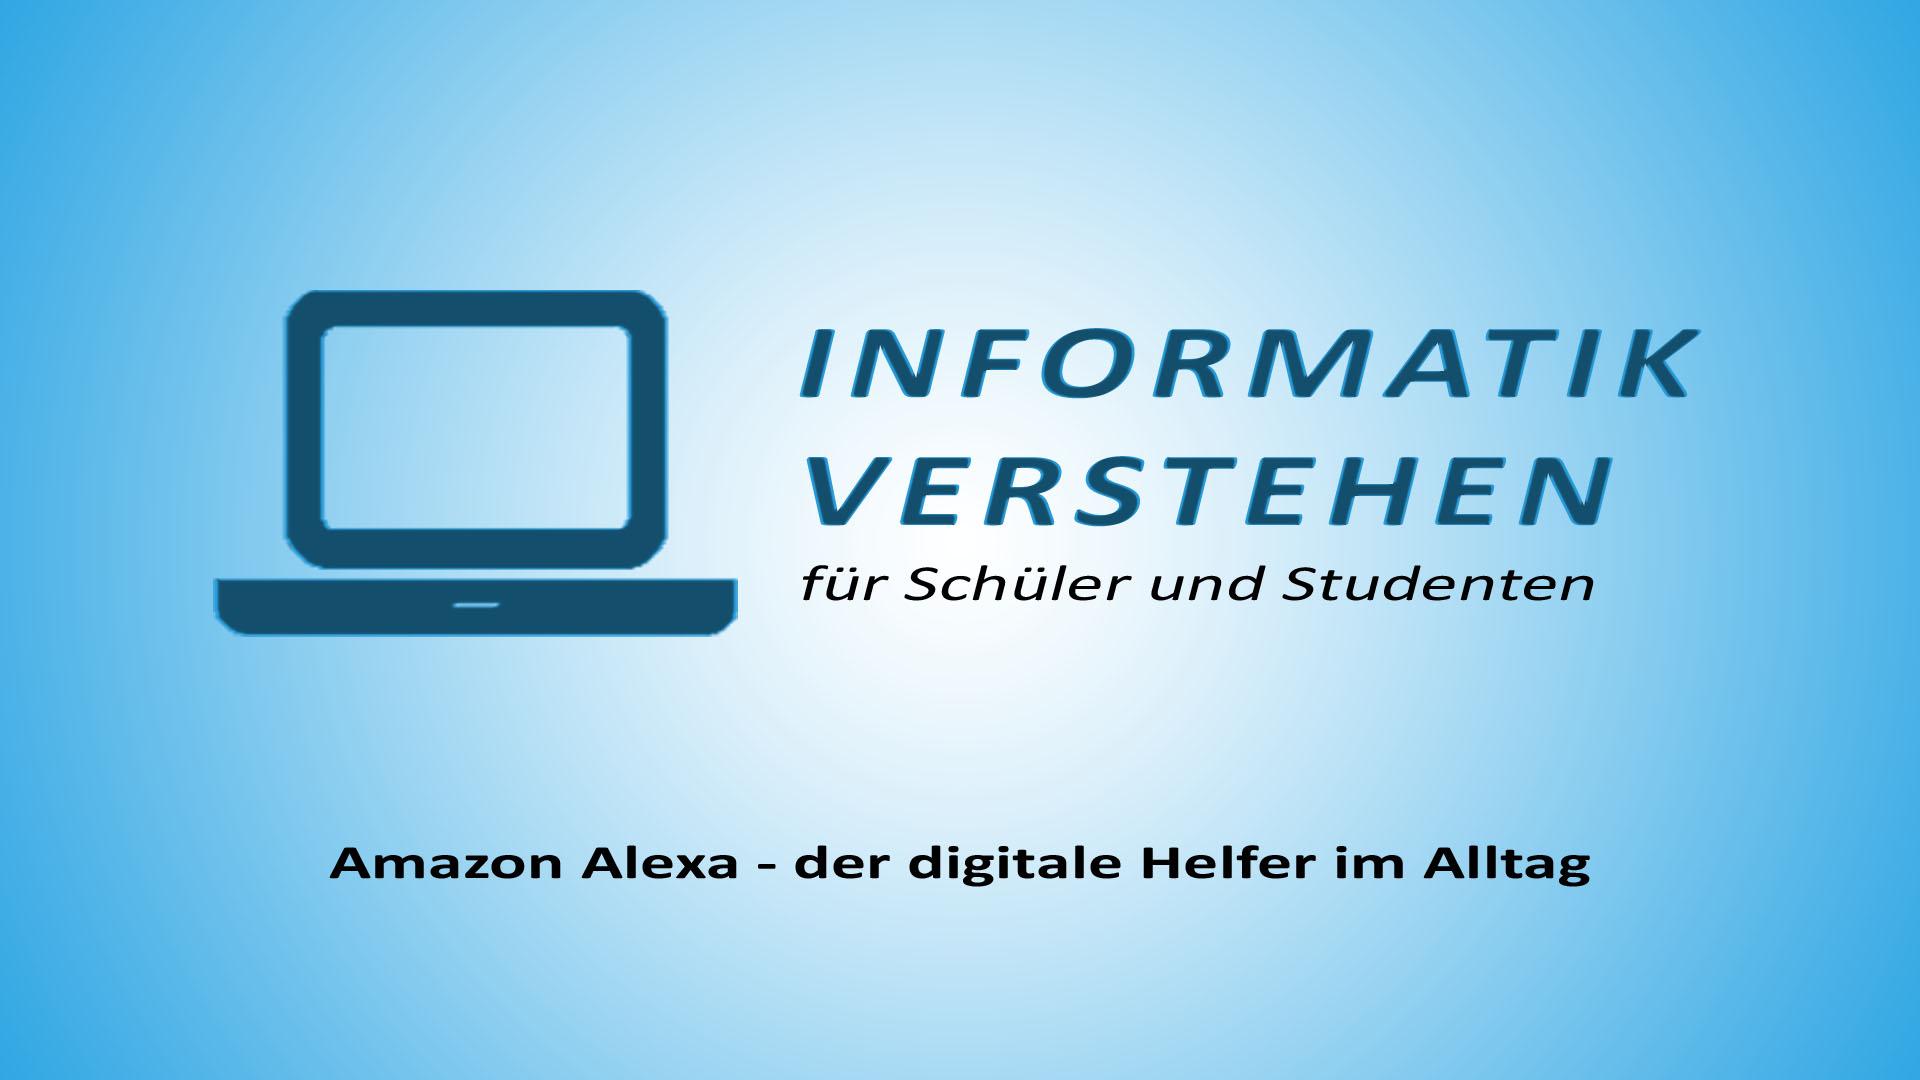 Amazon Alexa - der digitale Helfer im Alltag | Informatik Blog